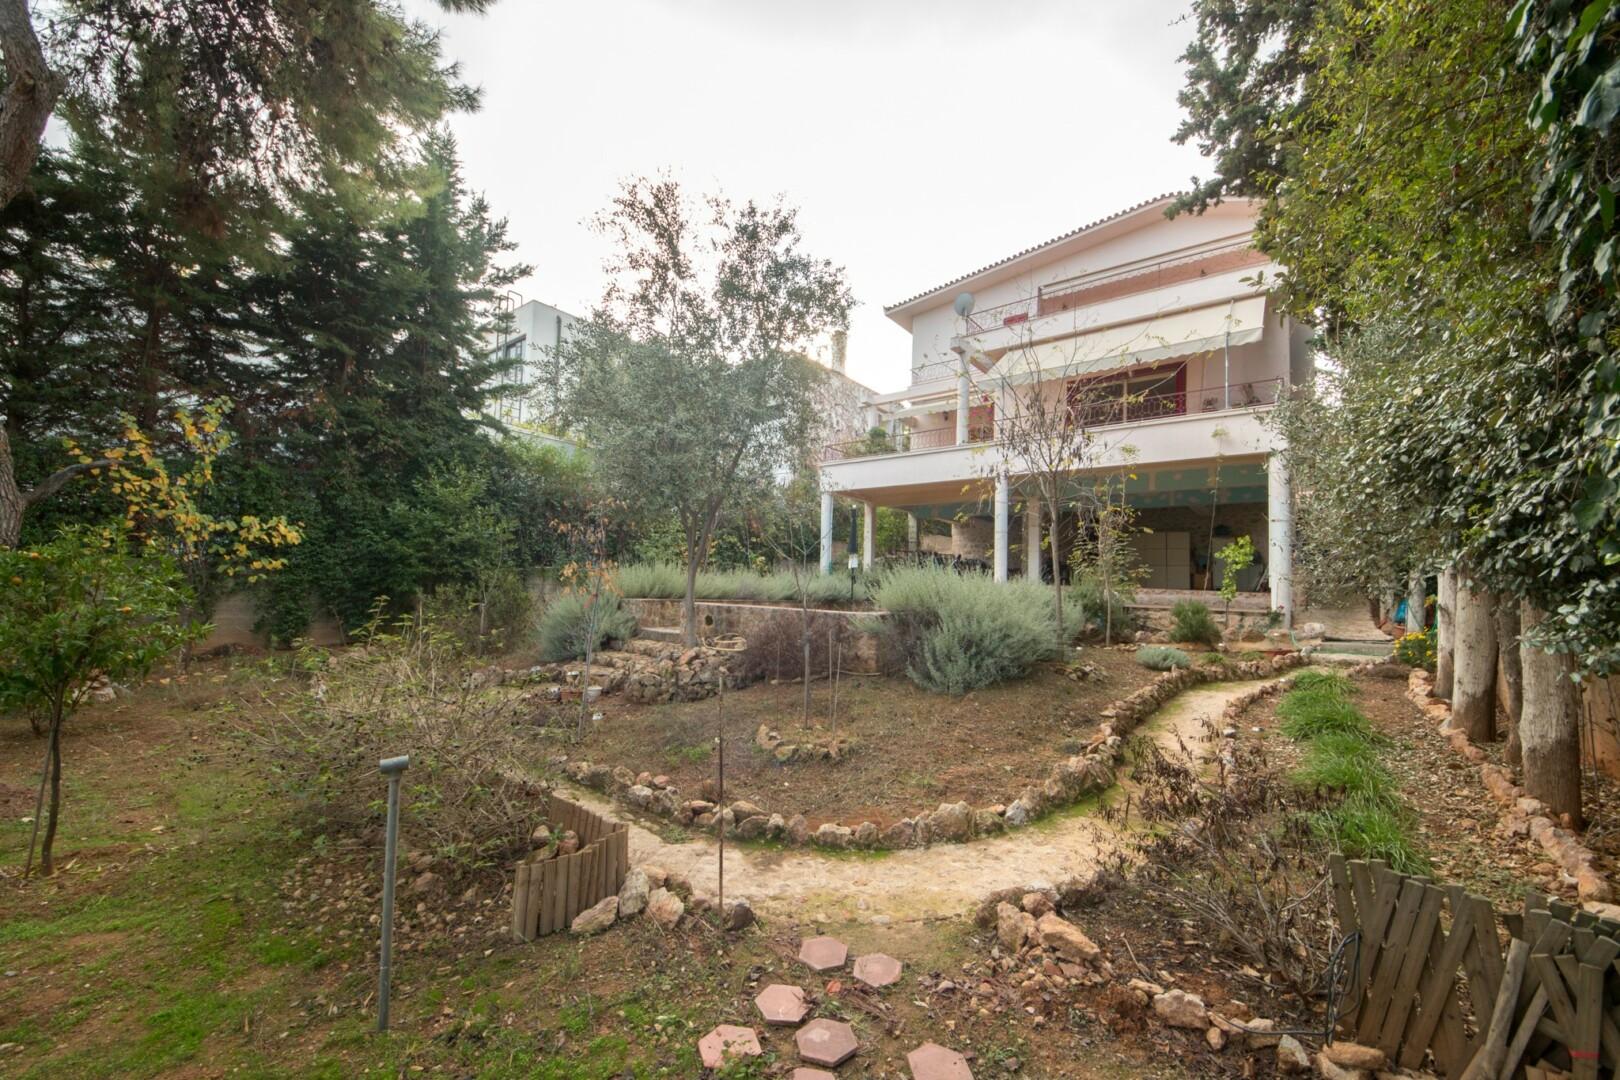 belle maison psychiko banlieux du nord barnes greece. Black Bedroom Furniture Sets. Home Design Ideas